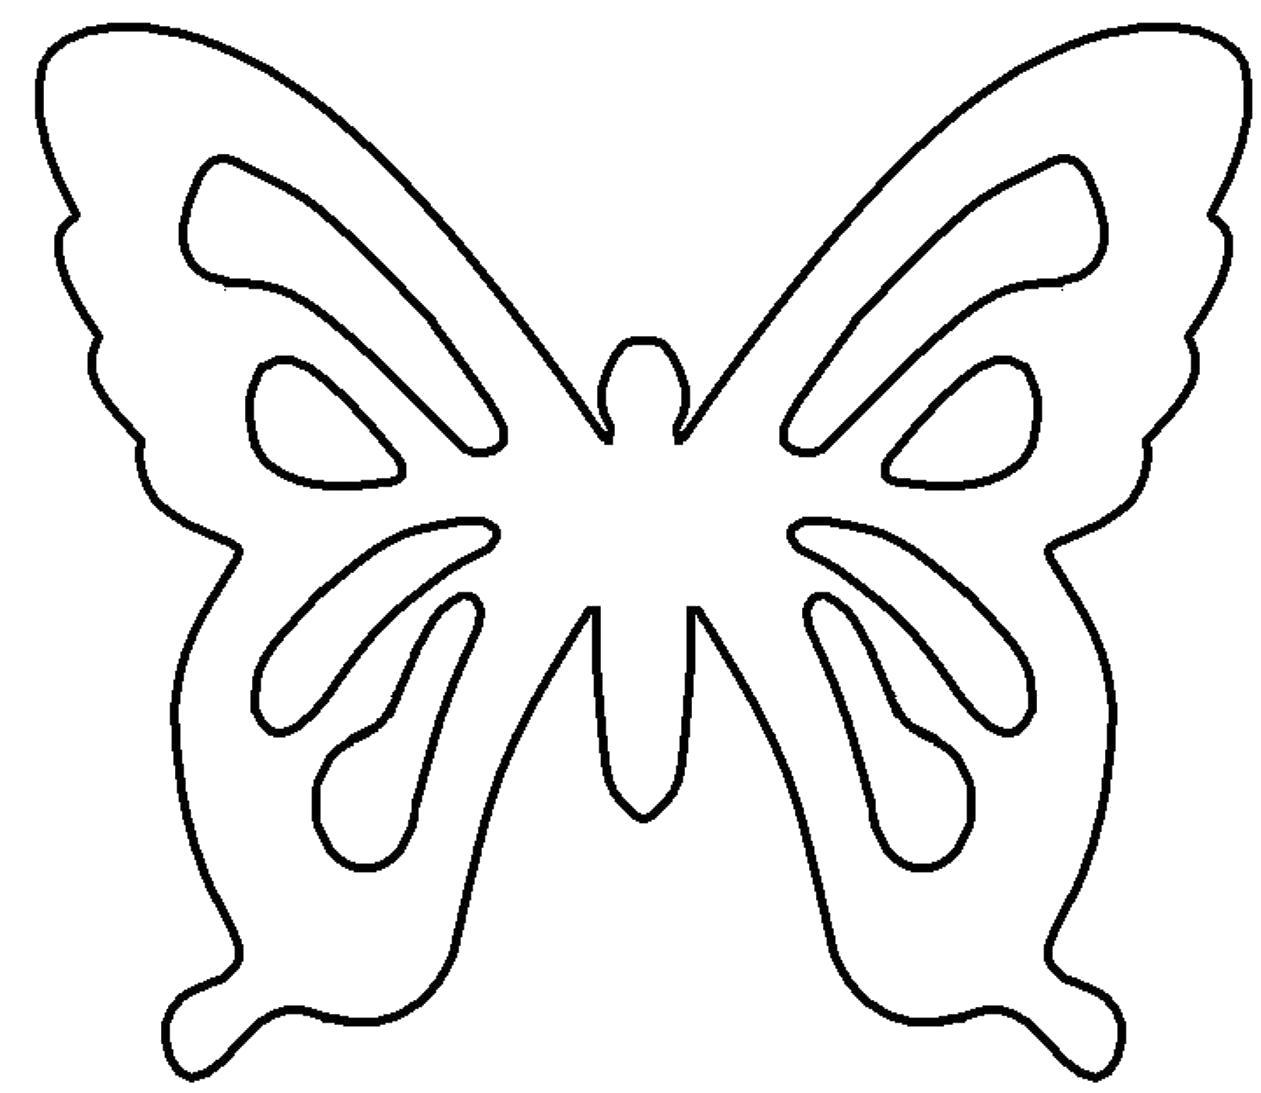 Раскраска контур бабочки для вырезания. Скачать Бабочки.  Распечатать Бабочки